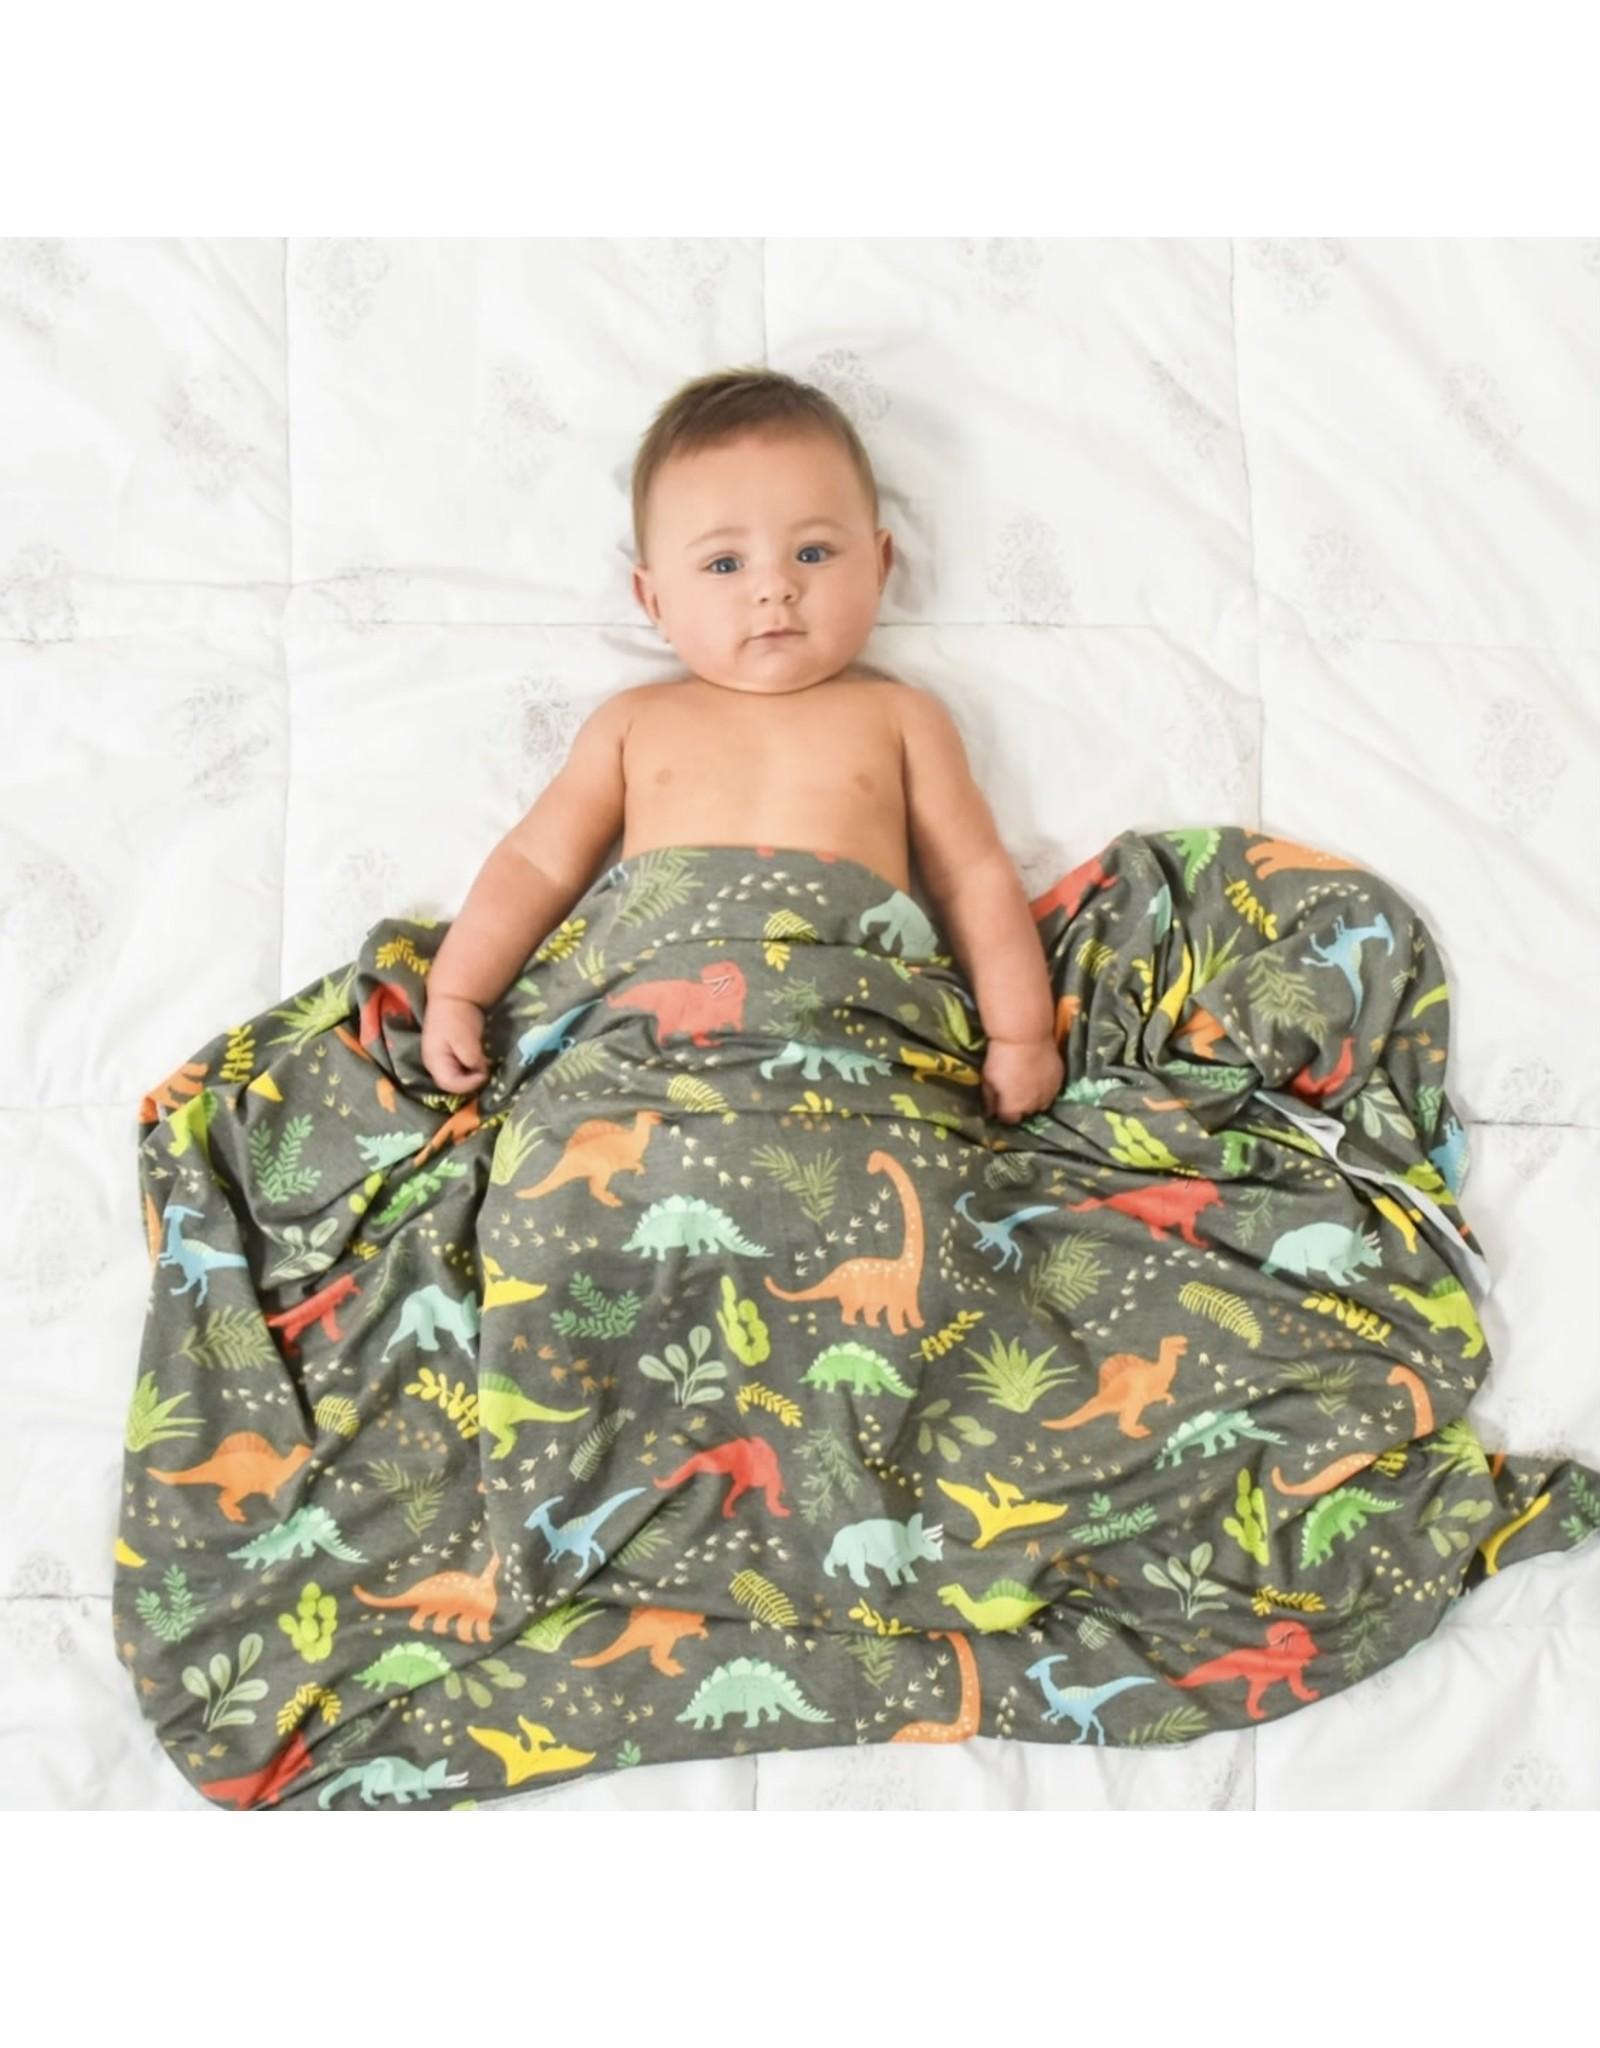 Village Baby Village Baby- Extra Soft Stretchy Knit Swaddle Blanket: Jurassic Tracks